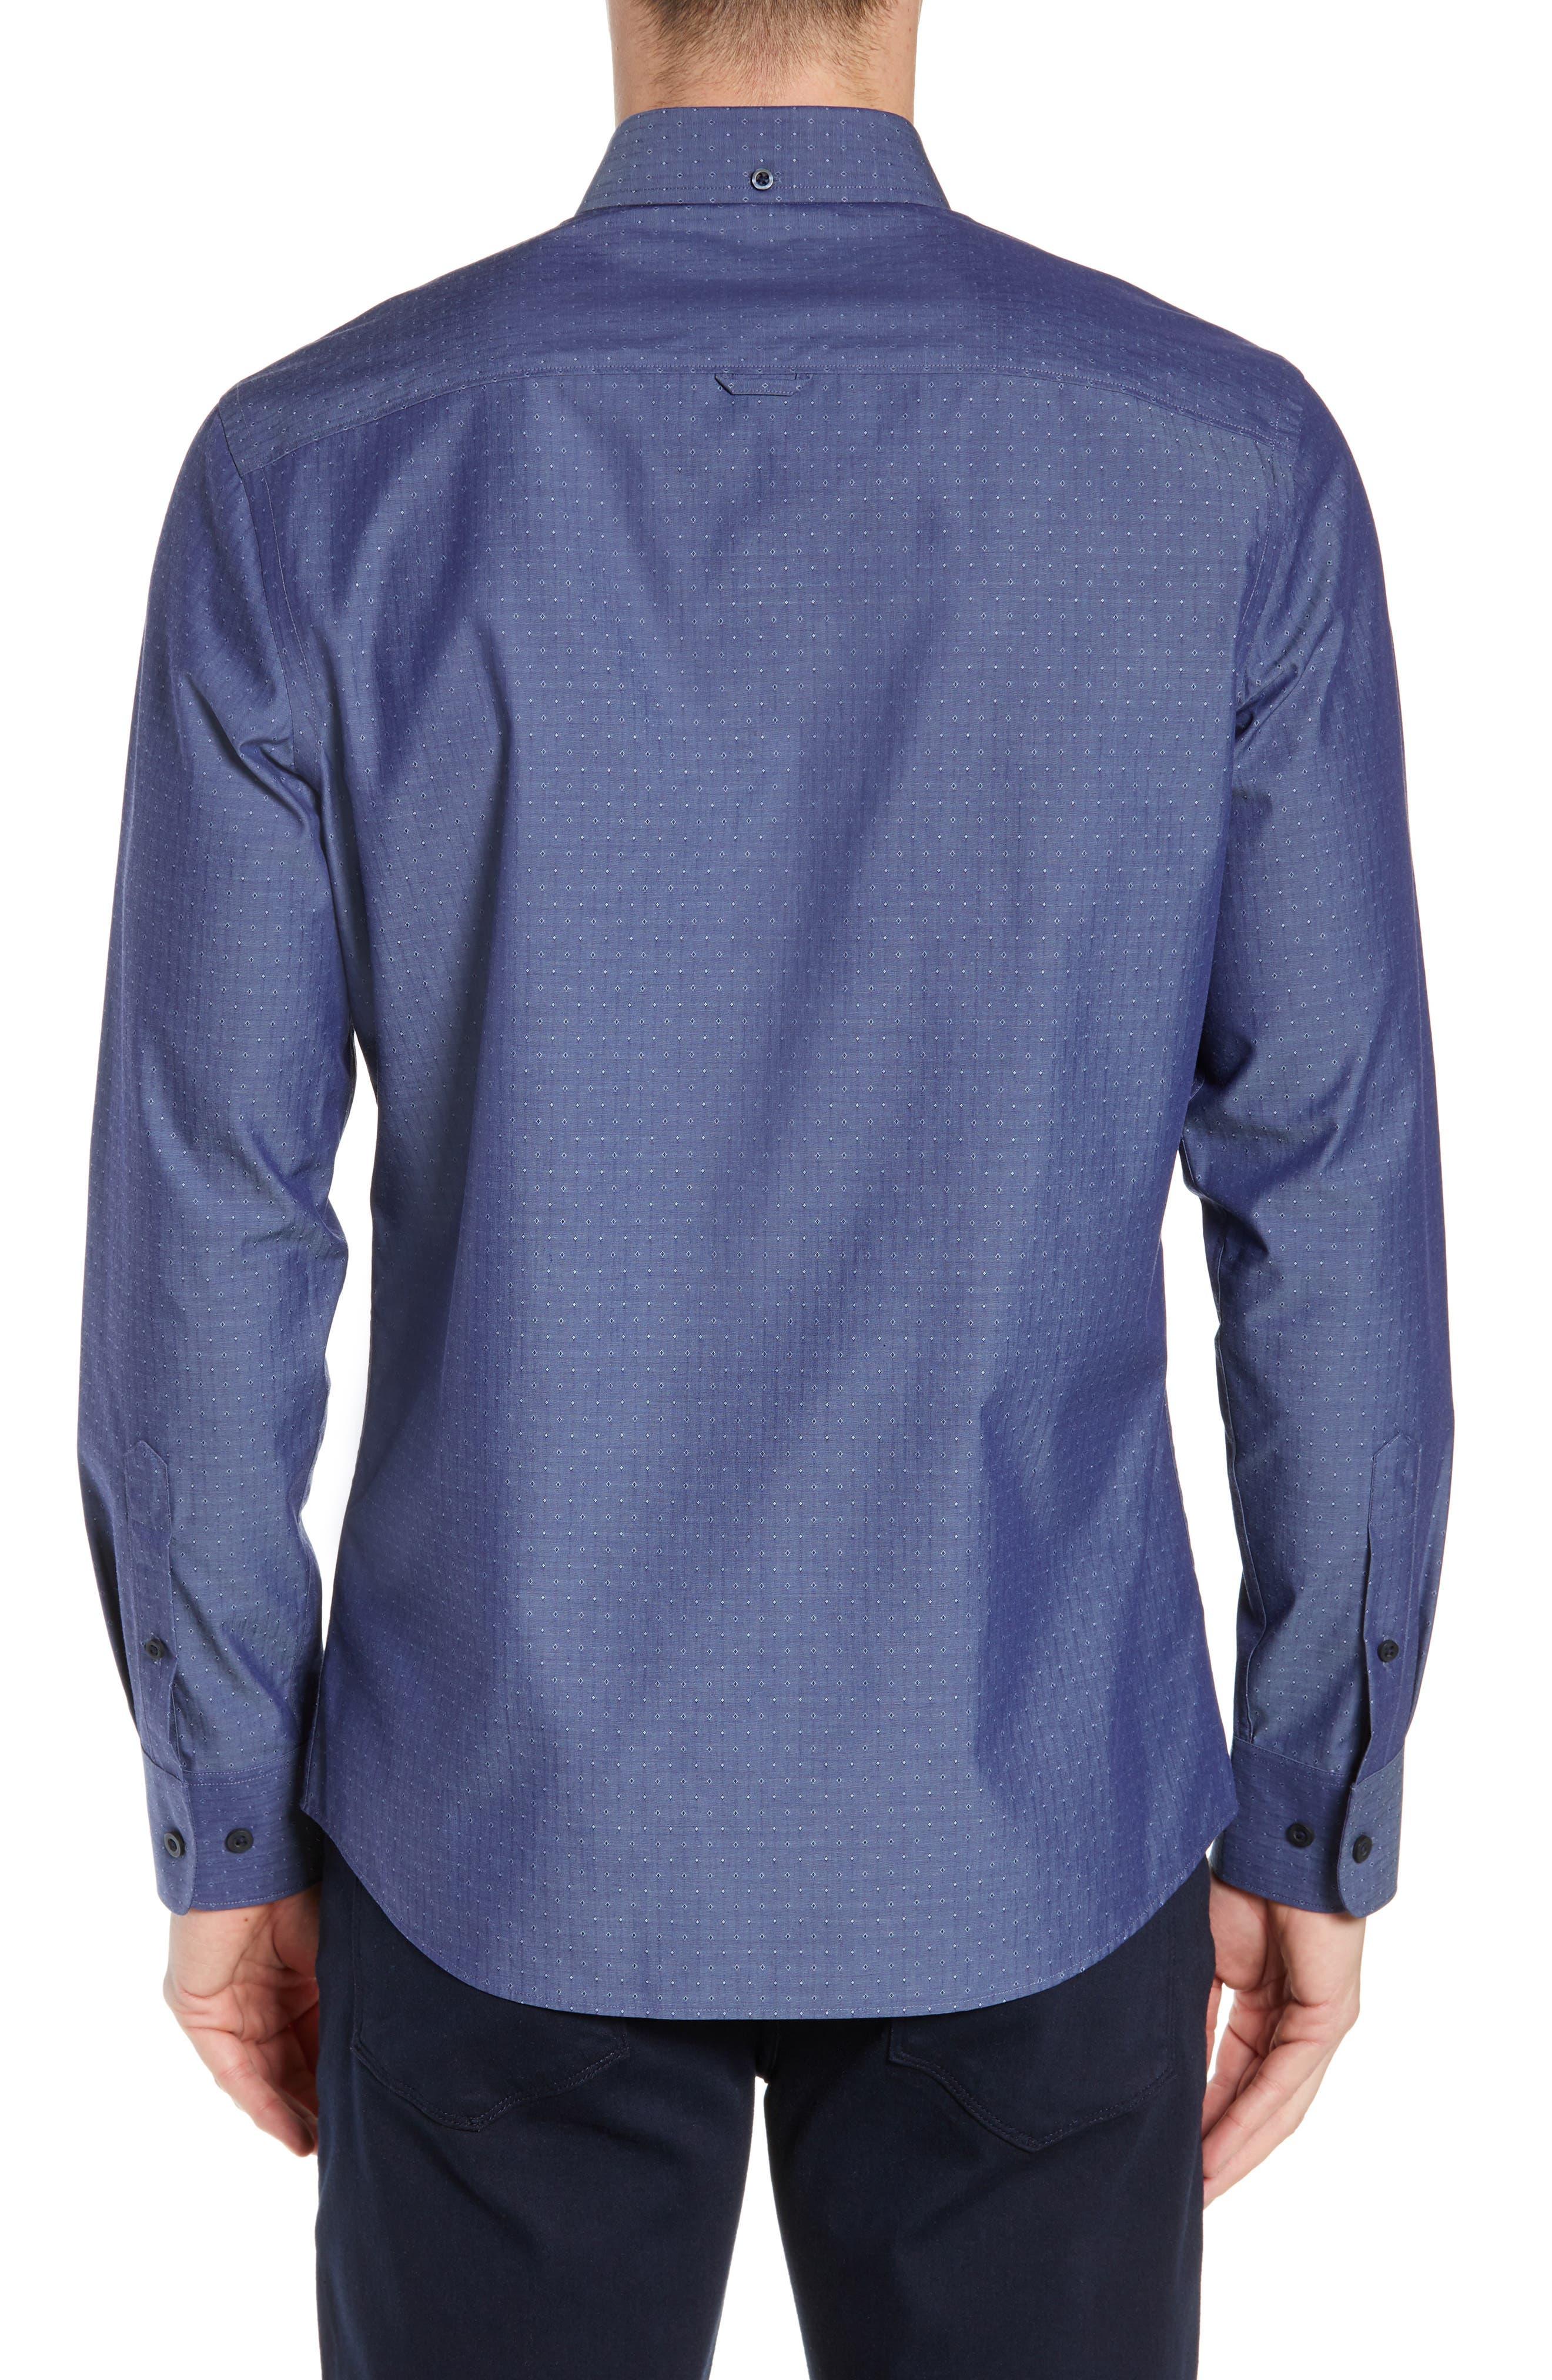 NORDSTROM MEN'S SHOP,                             Regular Fit Non-Iron Dobby Sport Shirt,                             Alternate thumbnail 3, color,                             NAVY PEACOAT DIAMOND DOBBY